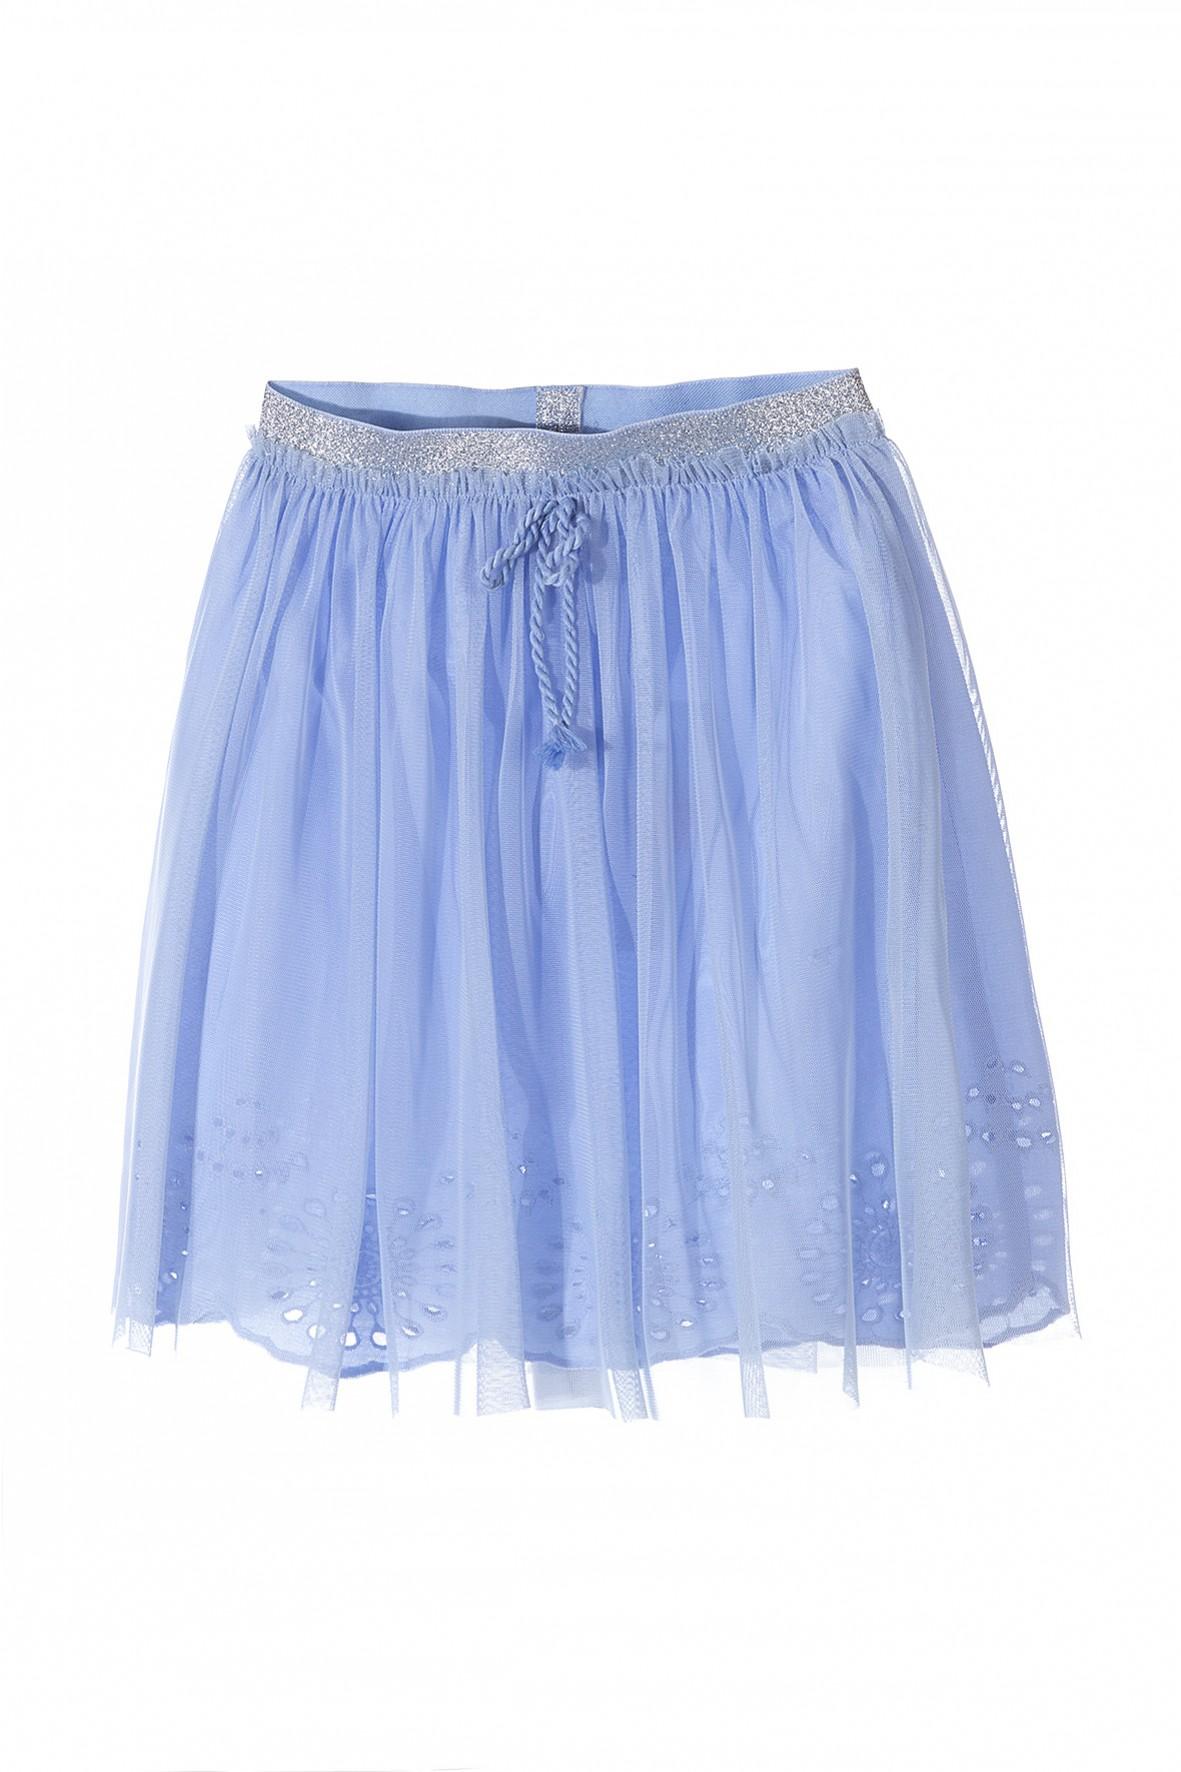 Spódnica tiulowa dziewczęca niebieska